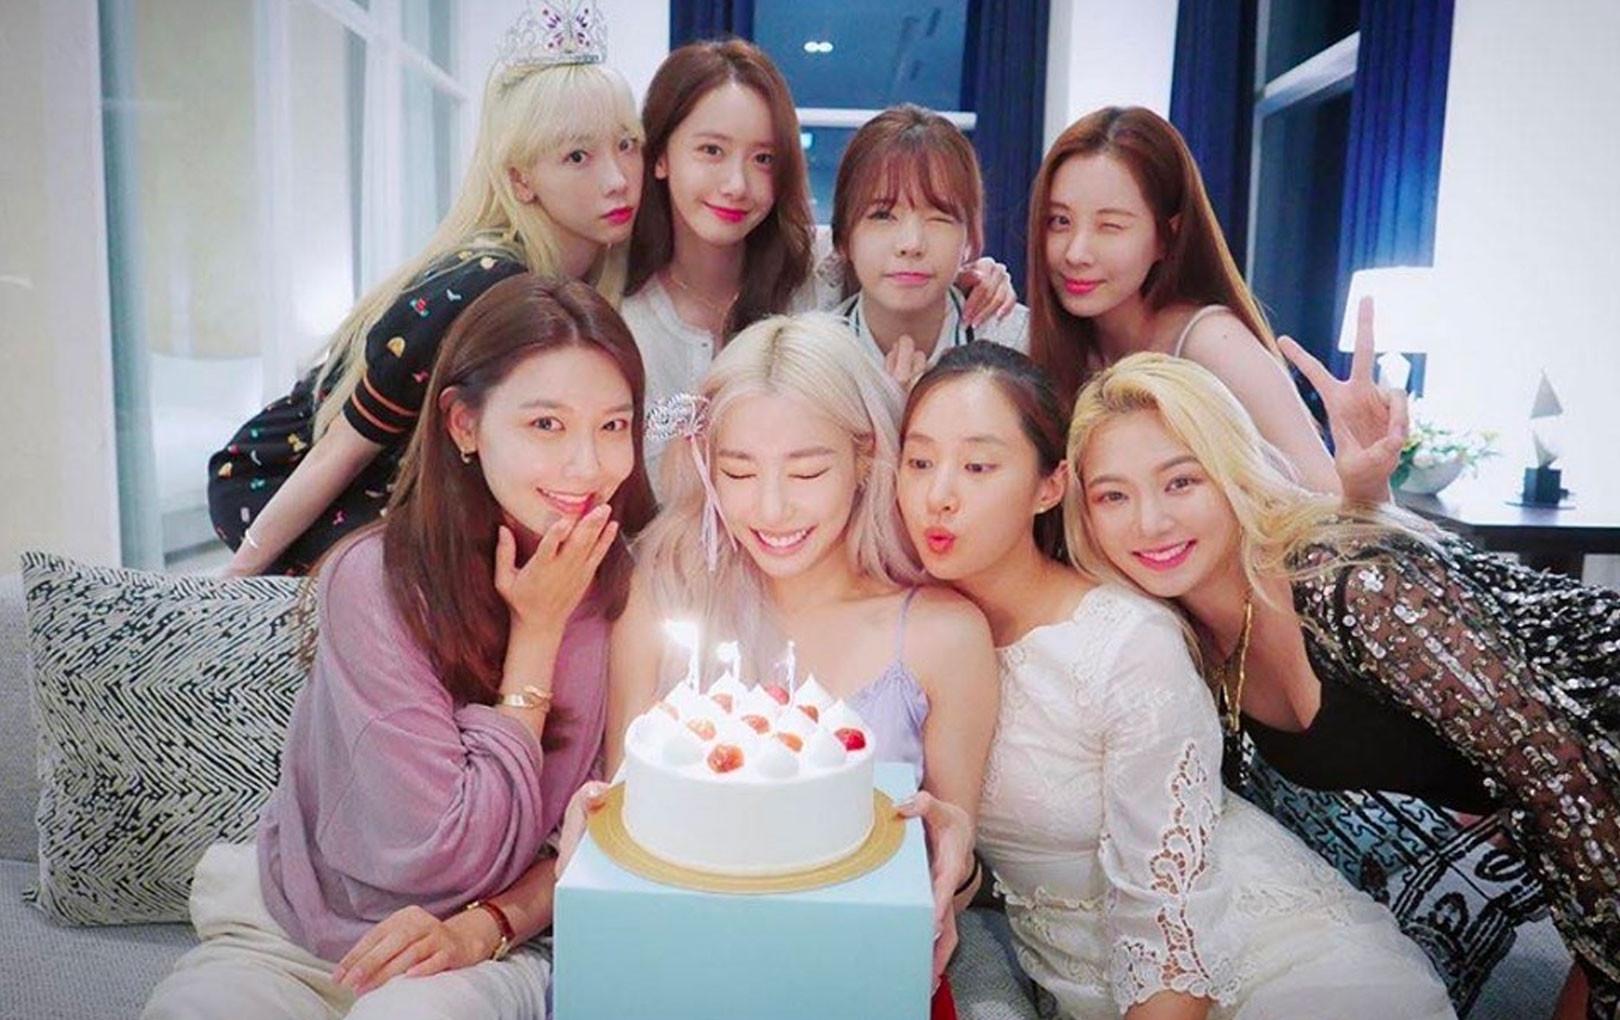 8 mẩu SNSD xinh đẹp hội tụ mừng sinh nhật Tiffany nhưng vẫn chưa trọn vẹn